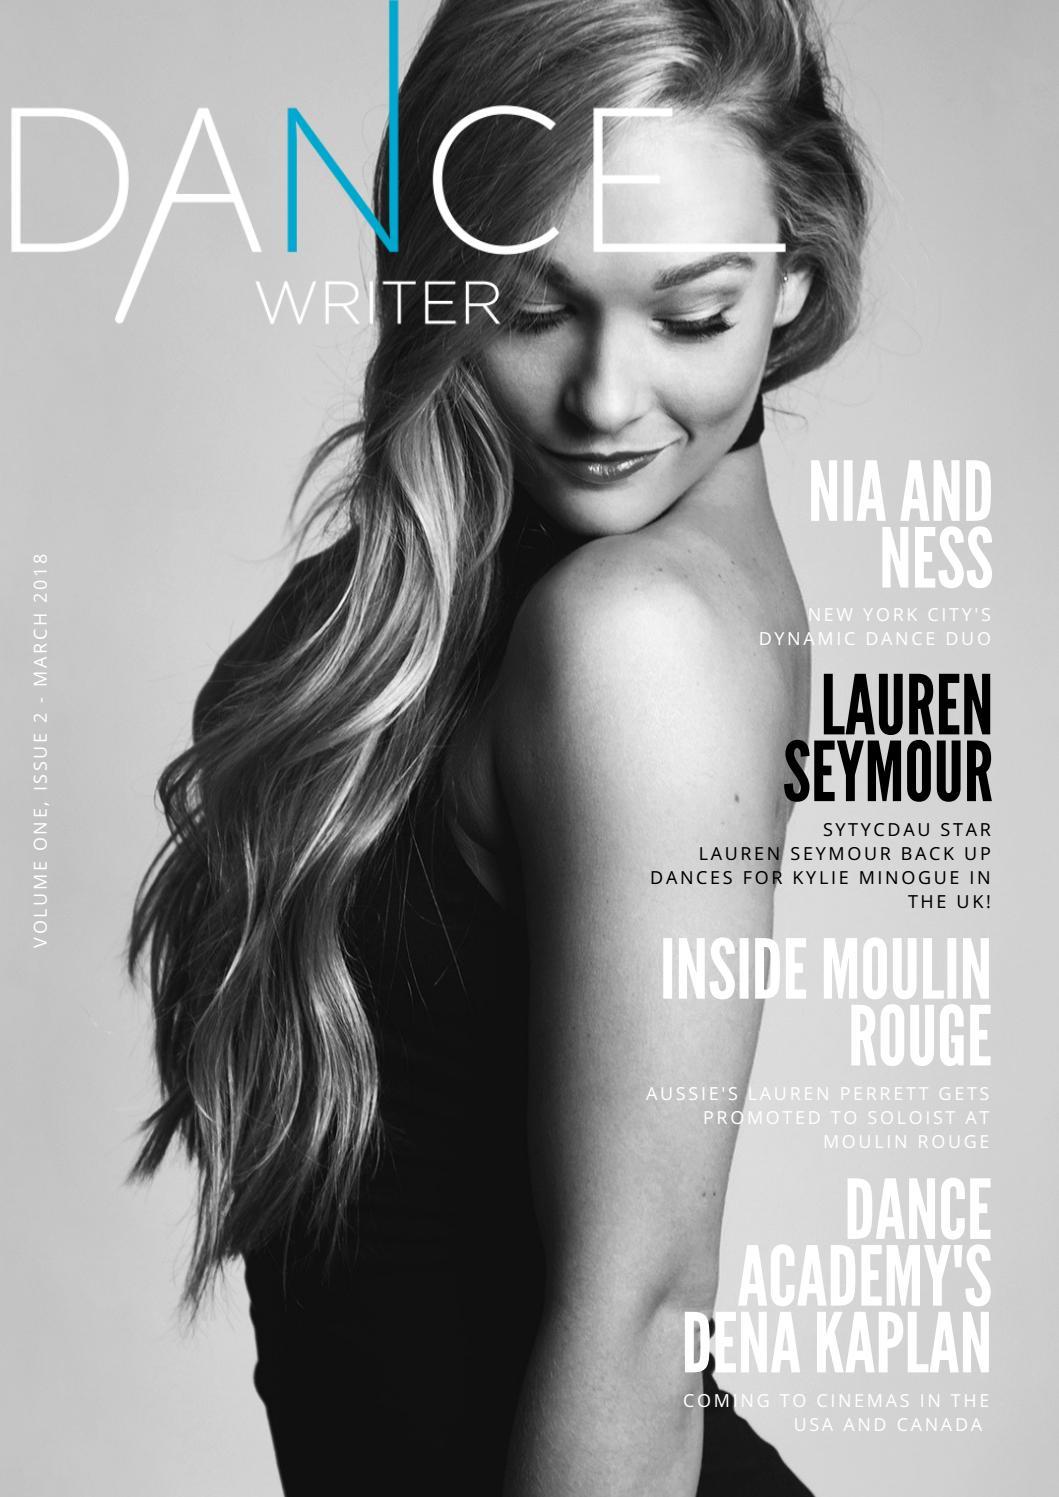 March Edition Vol 1 Issue 2 2018 By Dancewriter Issuu